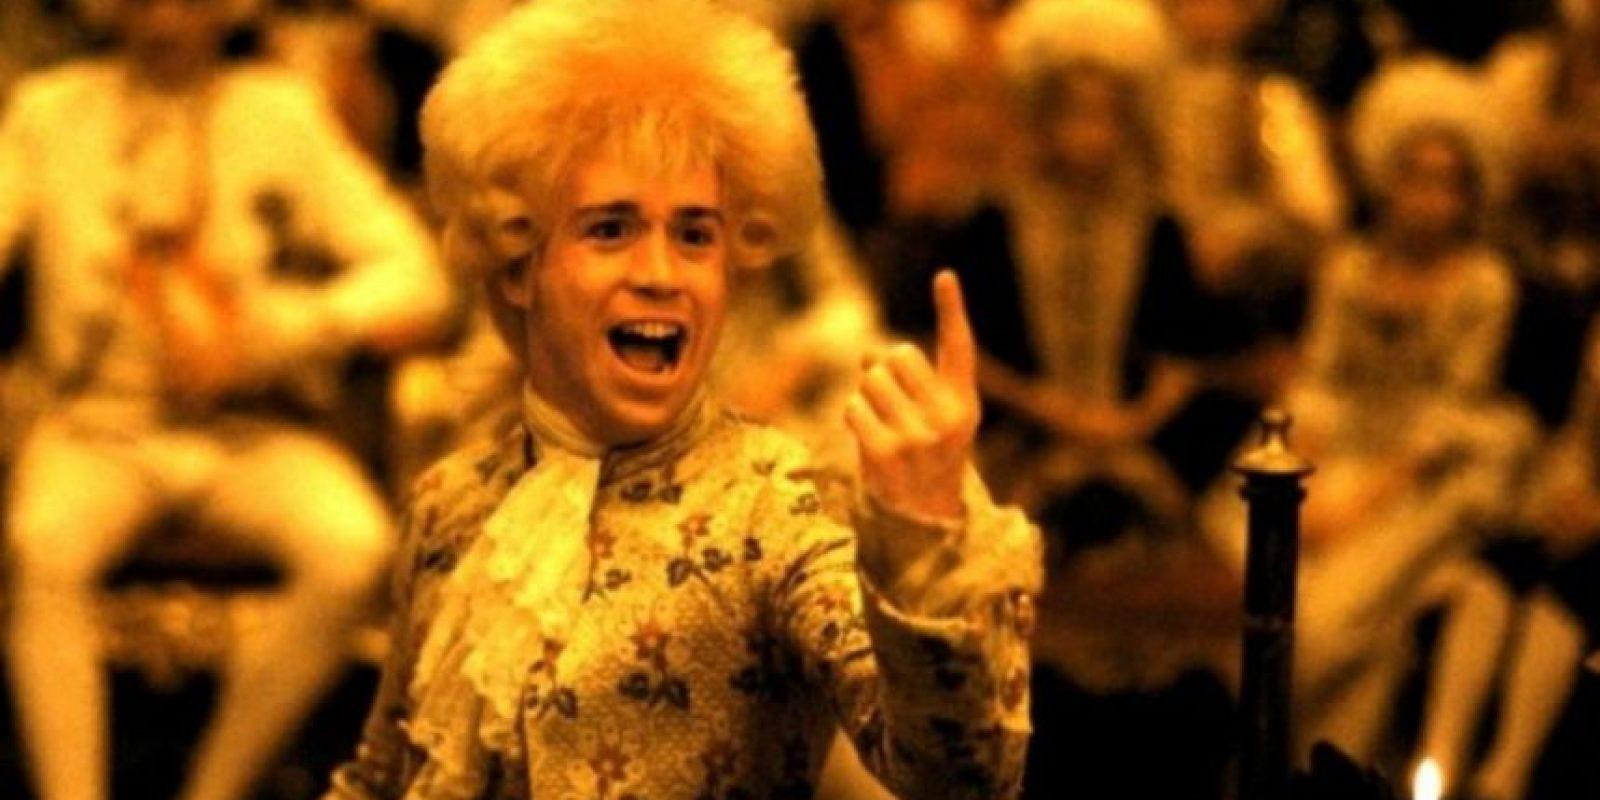 """""""Amadeus"""" es una película estadounidense categorizada como una película de culto de 1984. Arrasó la entrega de ese año al ganar ocho premios Oscar. Foto: AMLF, The Saul Zaentz Company"""